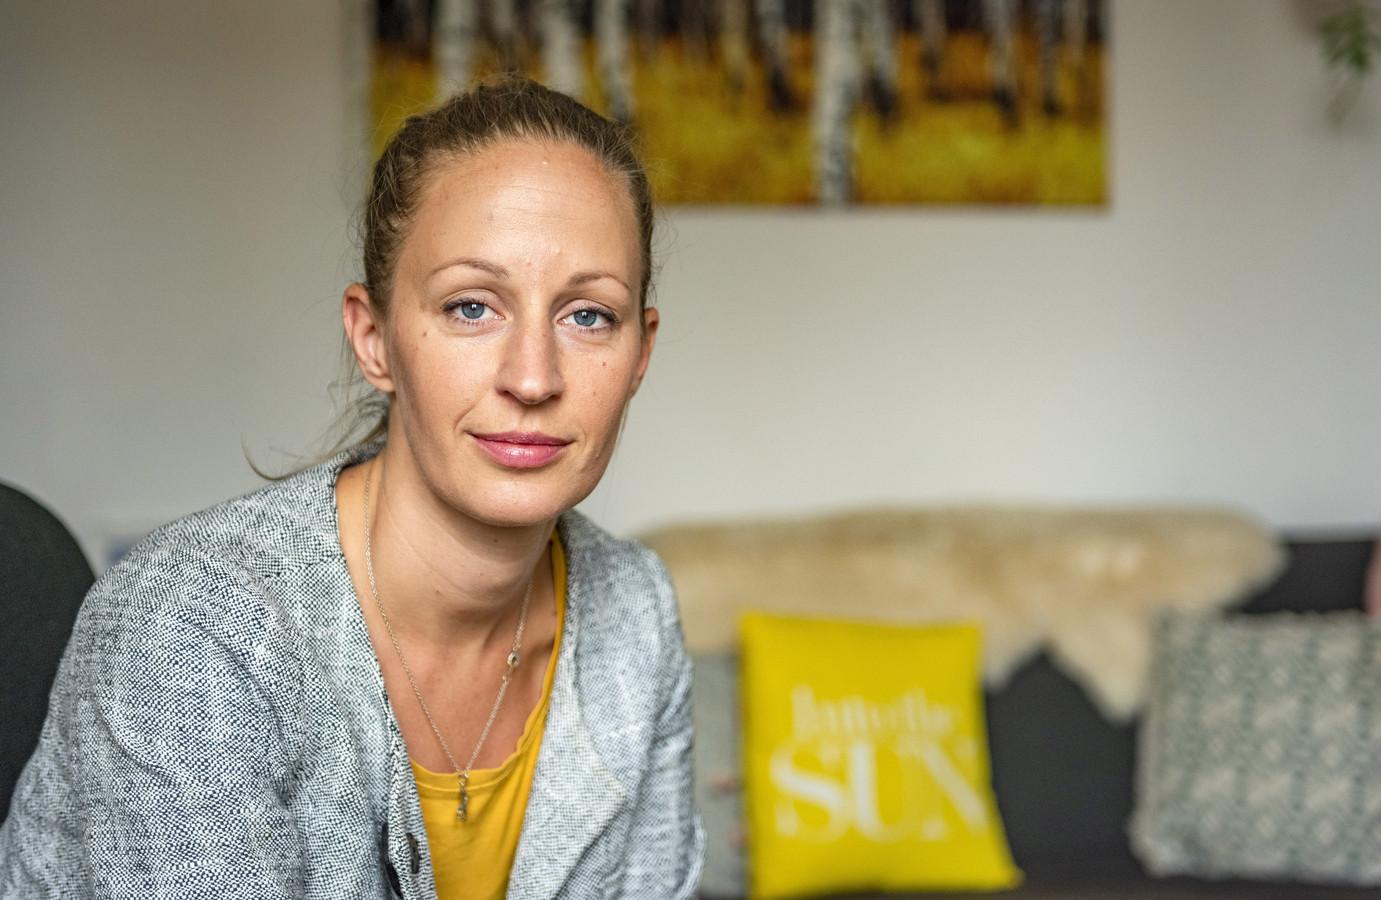 Hester Appelman loopt elke dinsdag mee in een stille tocht tegen het nieuwe normaal. De stress in de samenleving dreigt volgens haar een groter gezondheidsrisico te worden dan corona zelf.